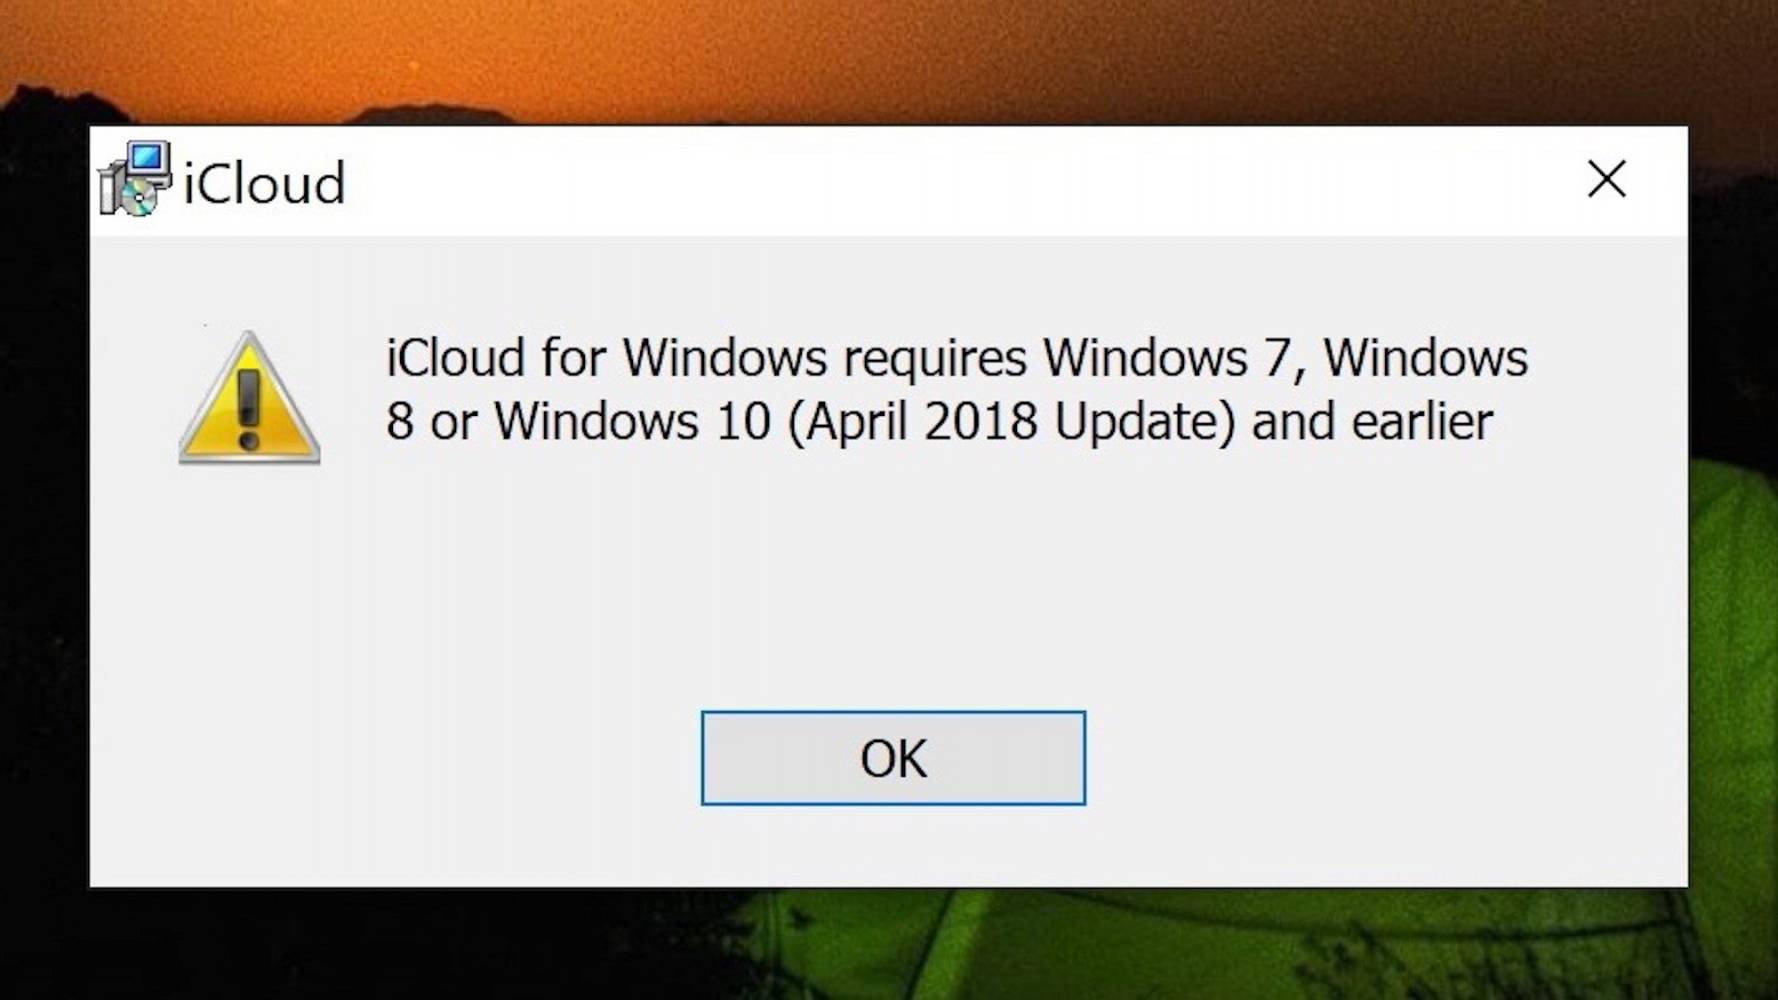 苹果将与微软合作,解决 WIndows 版 iCloud 存在的兼容性问题